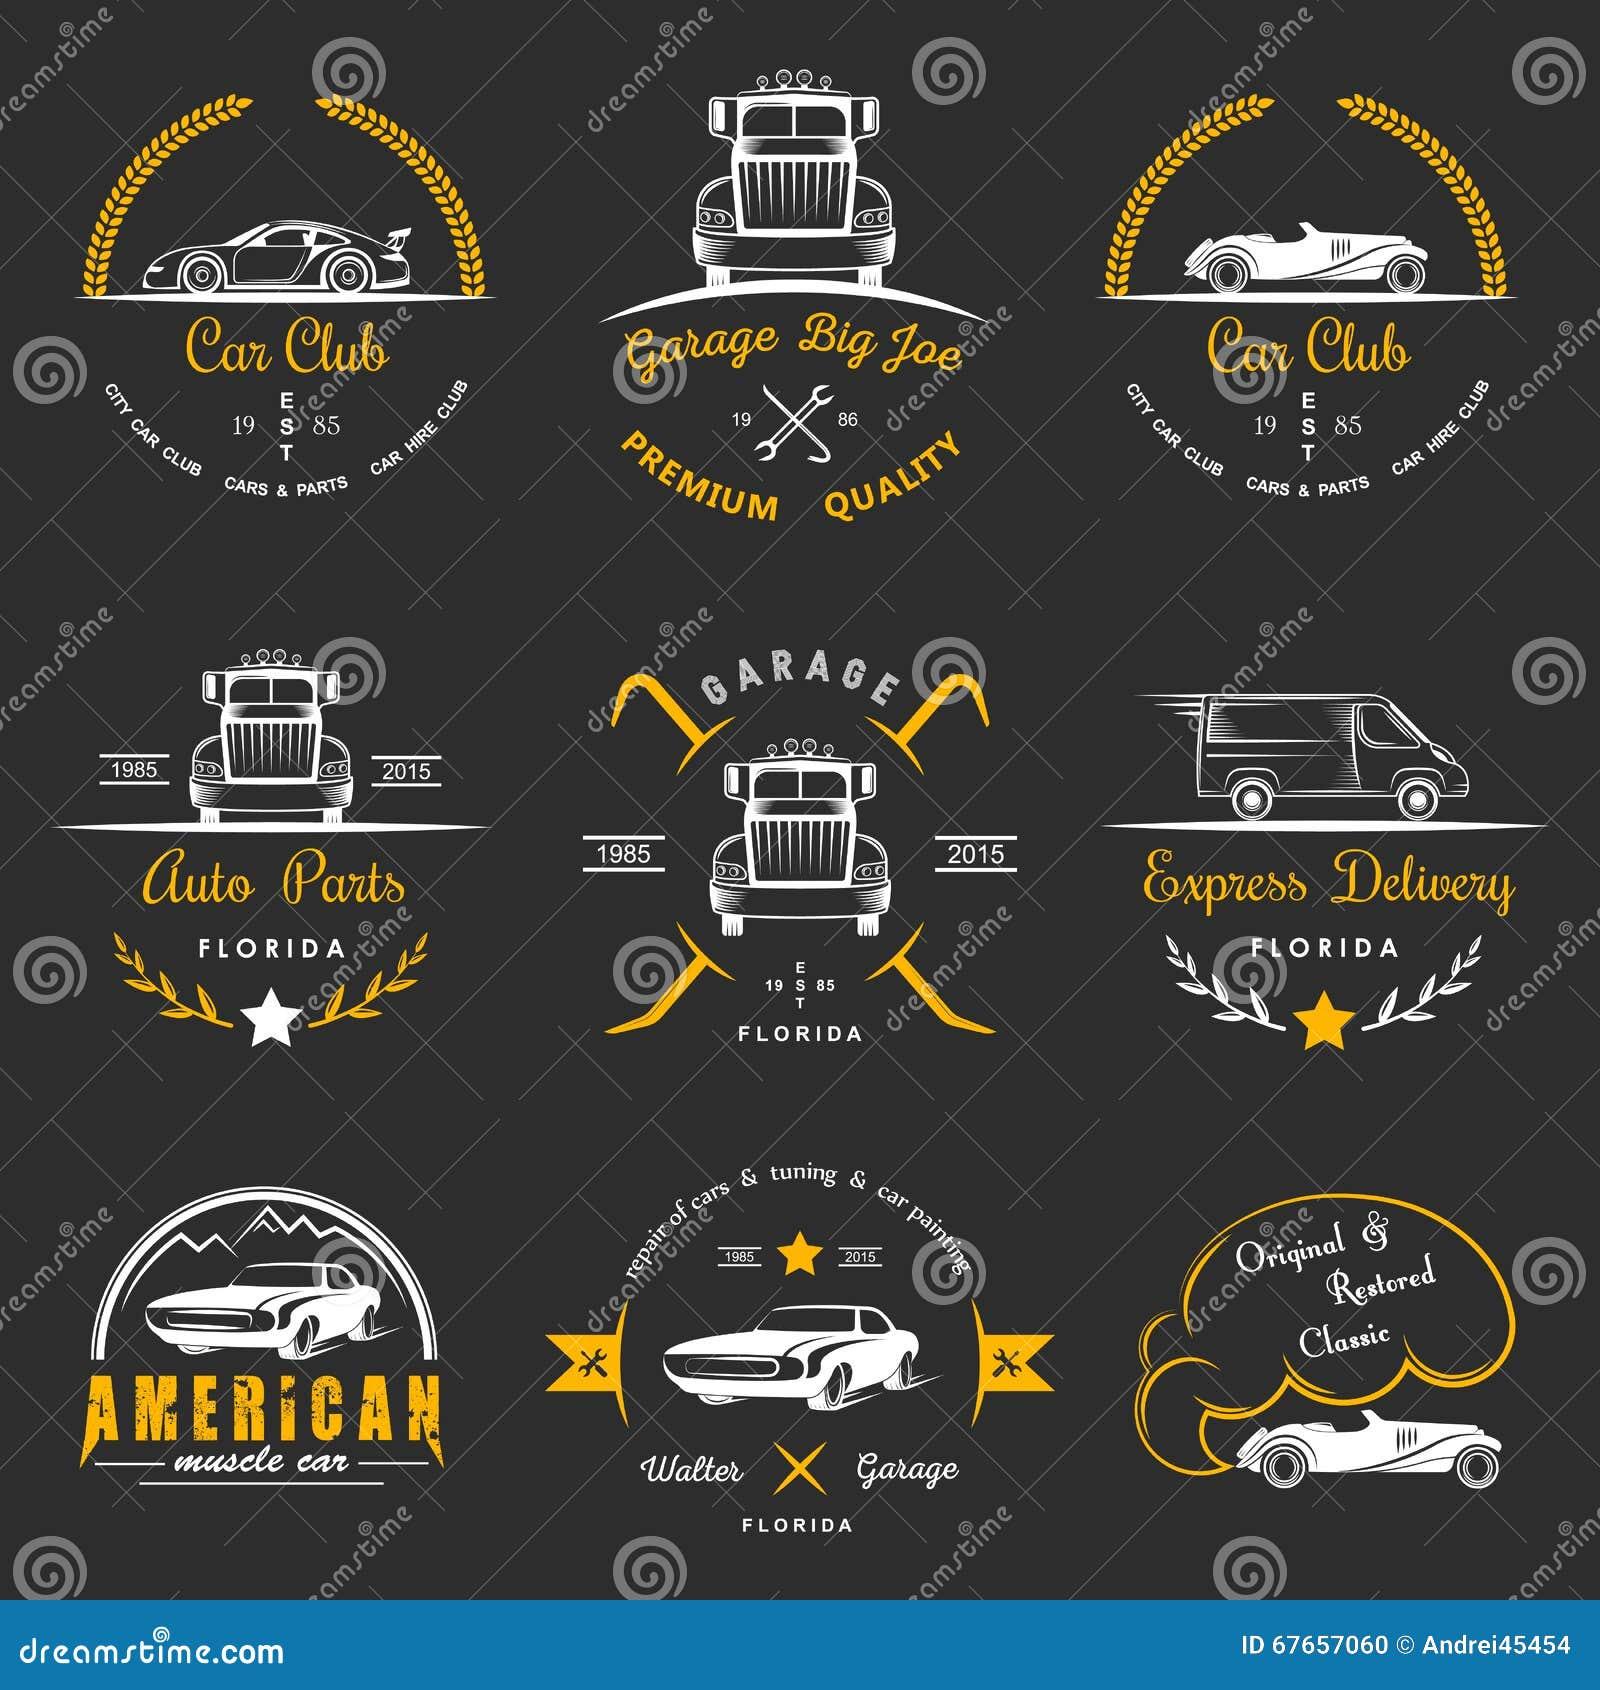 Set Of Vintage Badges Car Club And Garage Stock Illustration